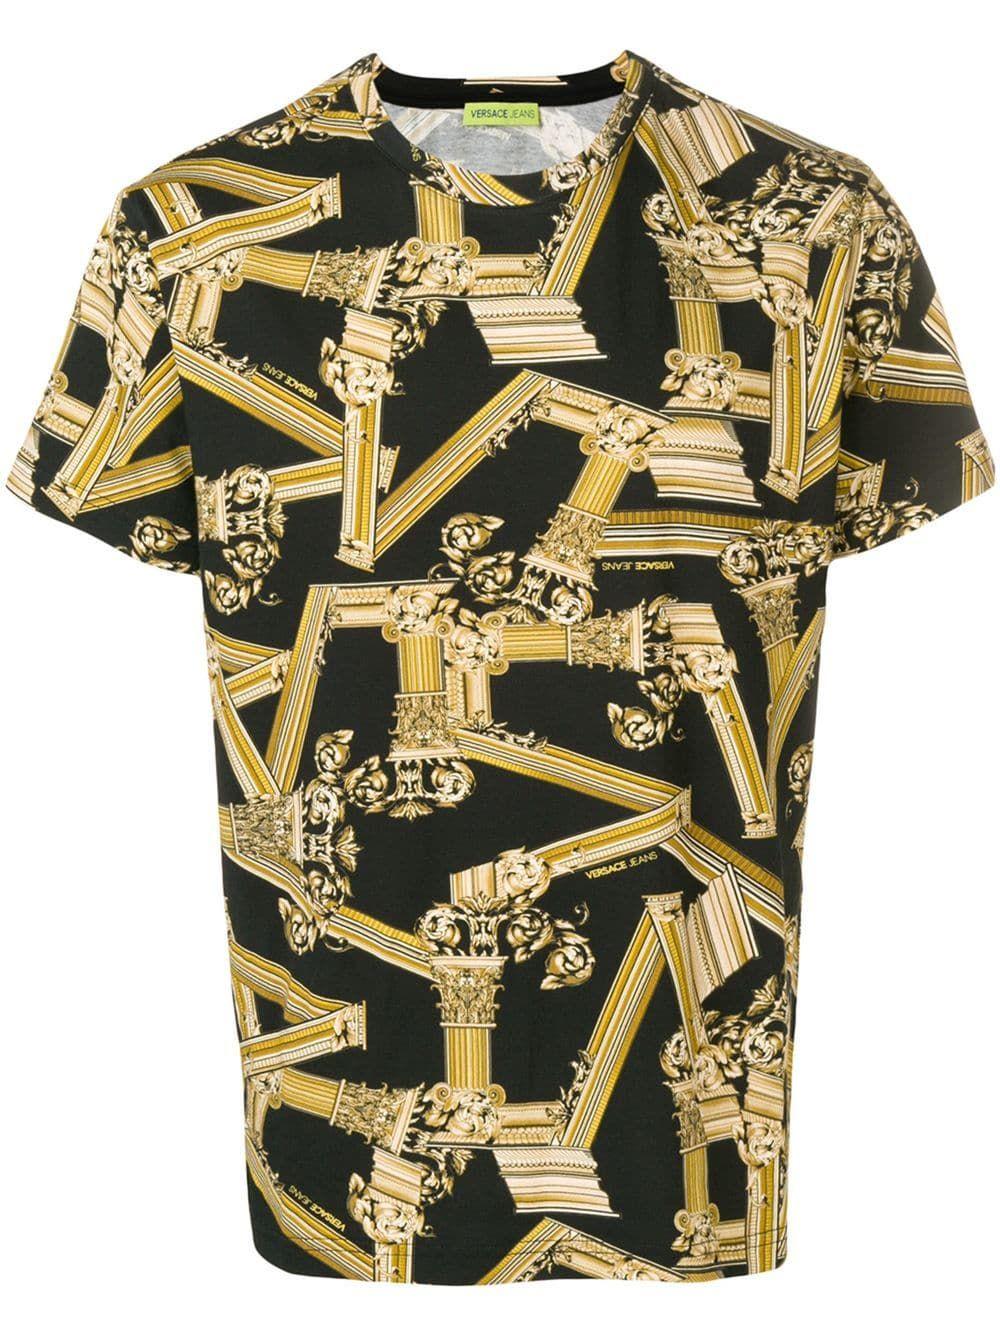 Pillar Print T Shirt Versace Jeans Versace Jeans Shirt Versace